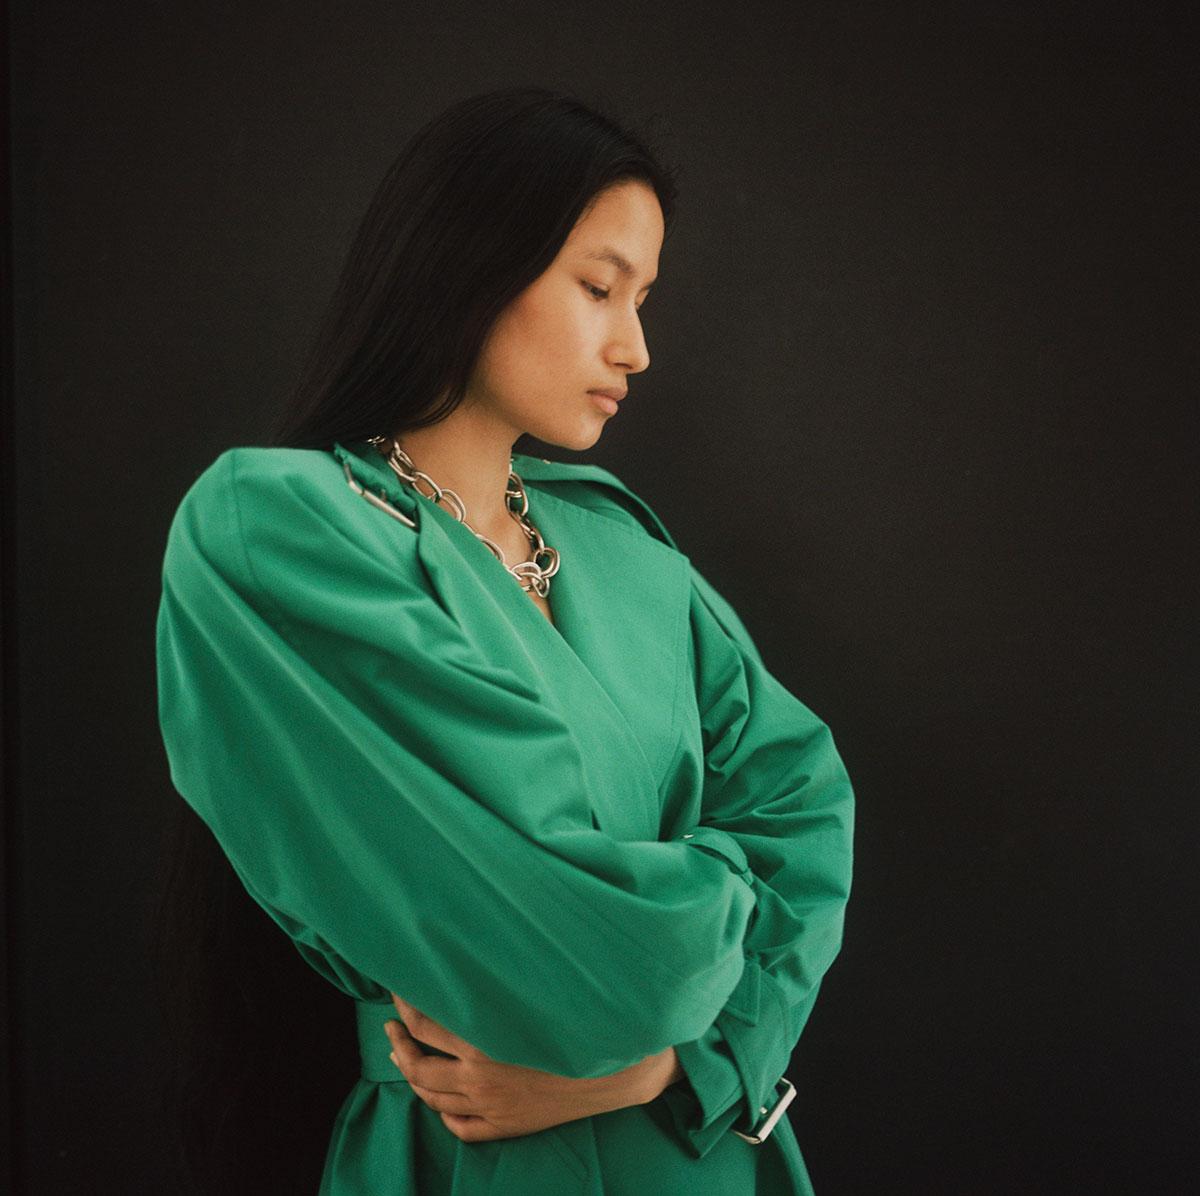 varsha-thapa-fashionography